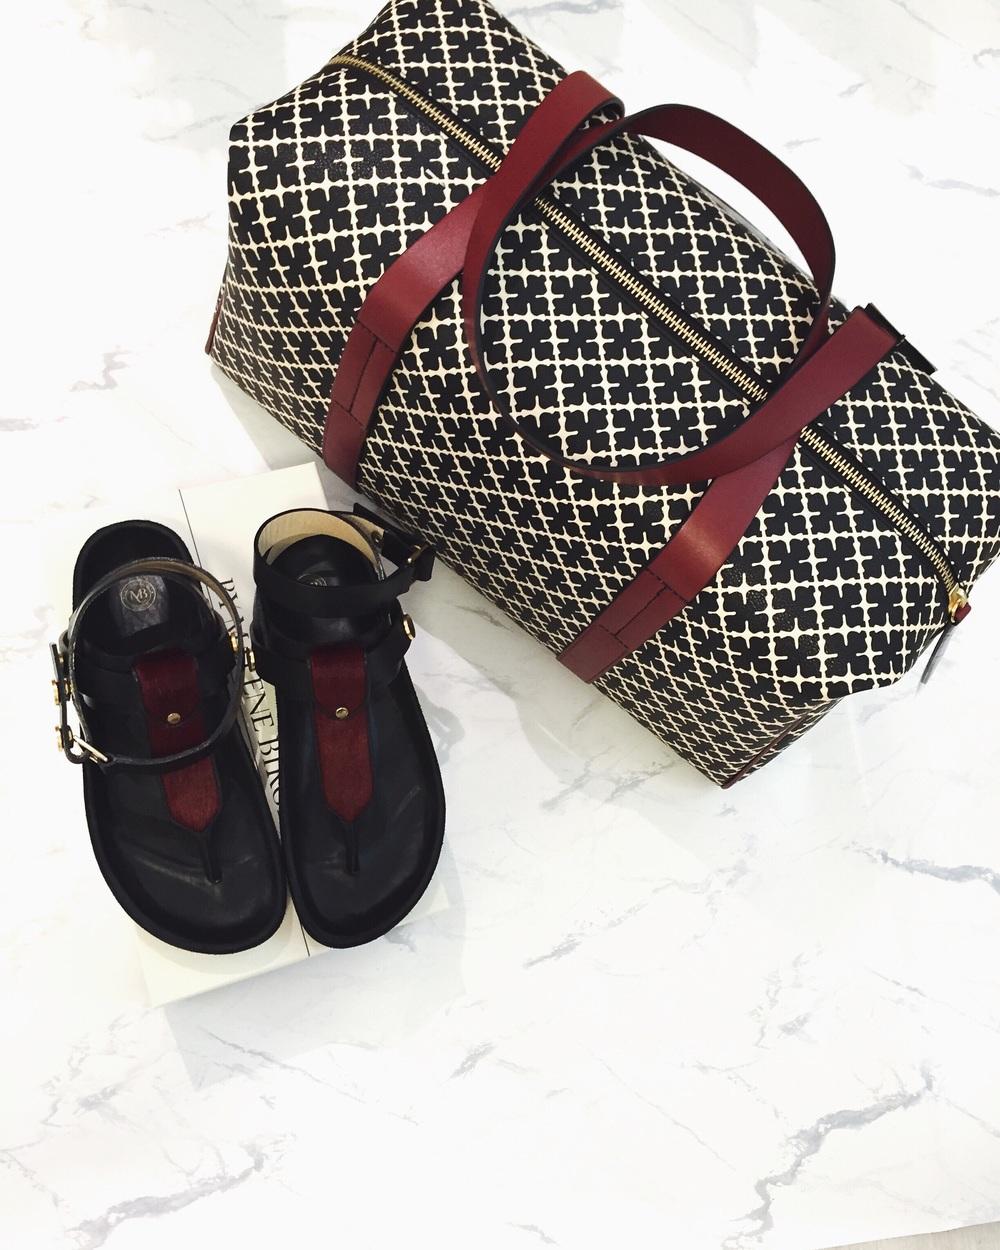 Sandaler og weekendbag - By Malene Birger